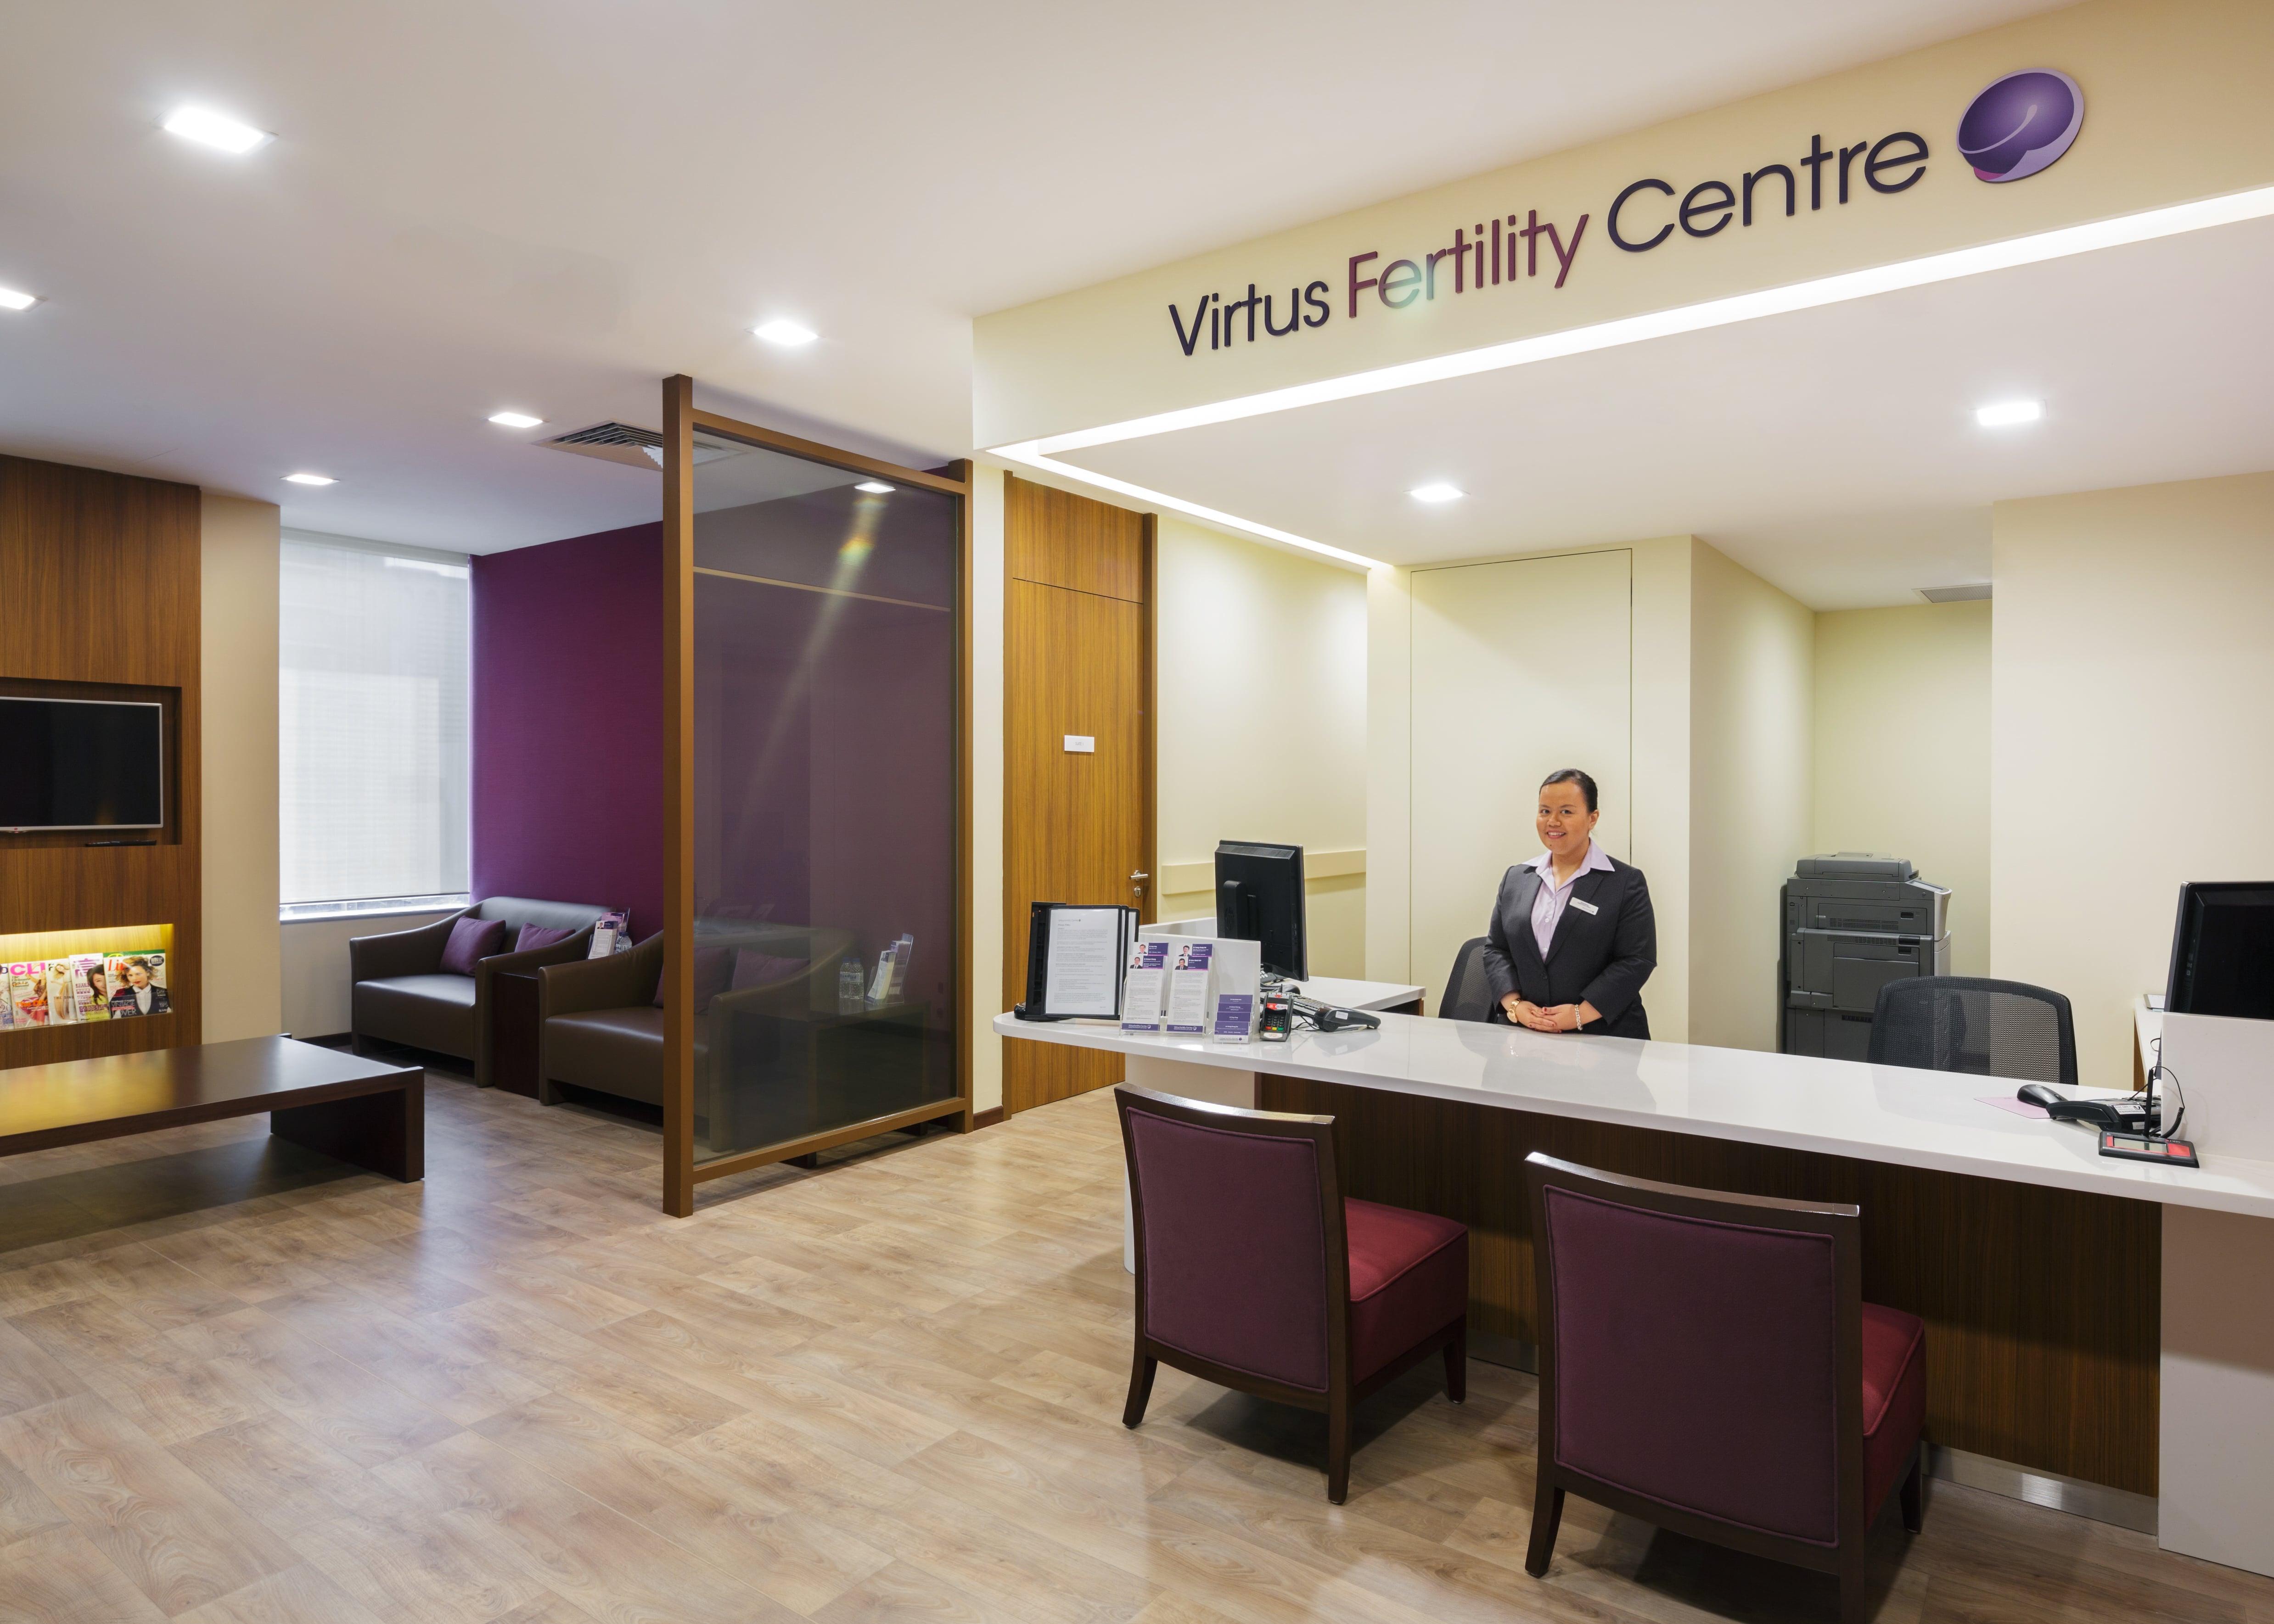 Virtus Fertility Centre@Scotts Medicial Centre